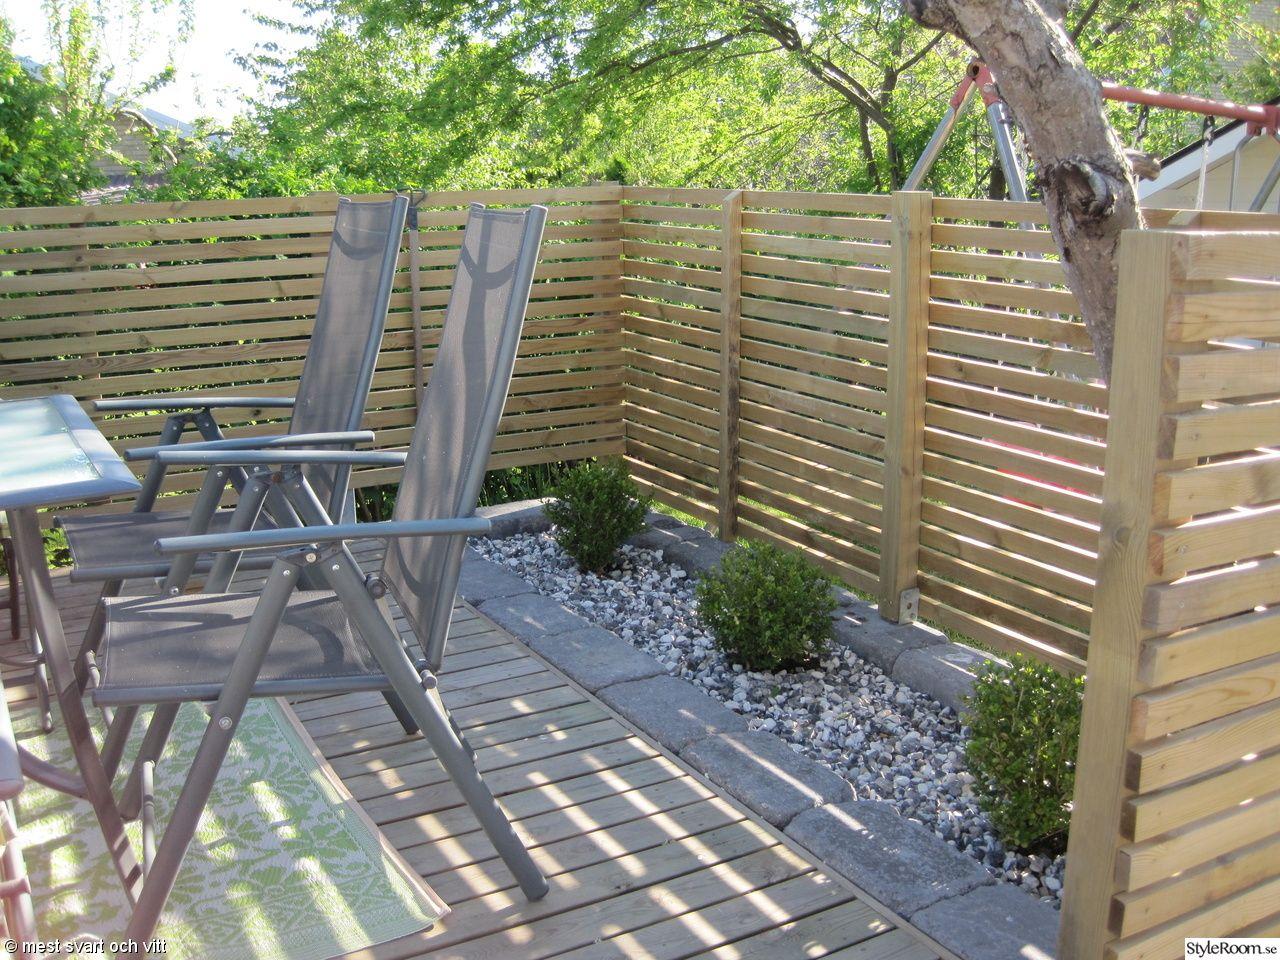 Trädgård plank trädgård : stenmur,dekorationssten,buxbom | TrädgÃ¥rd | Pinterest | Altaner ...